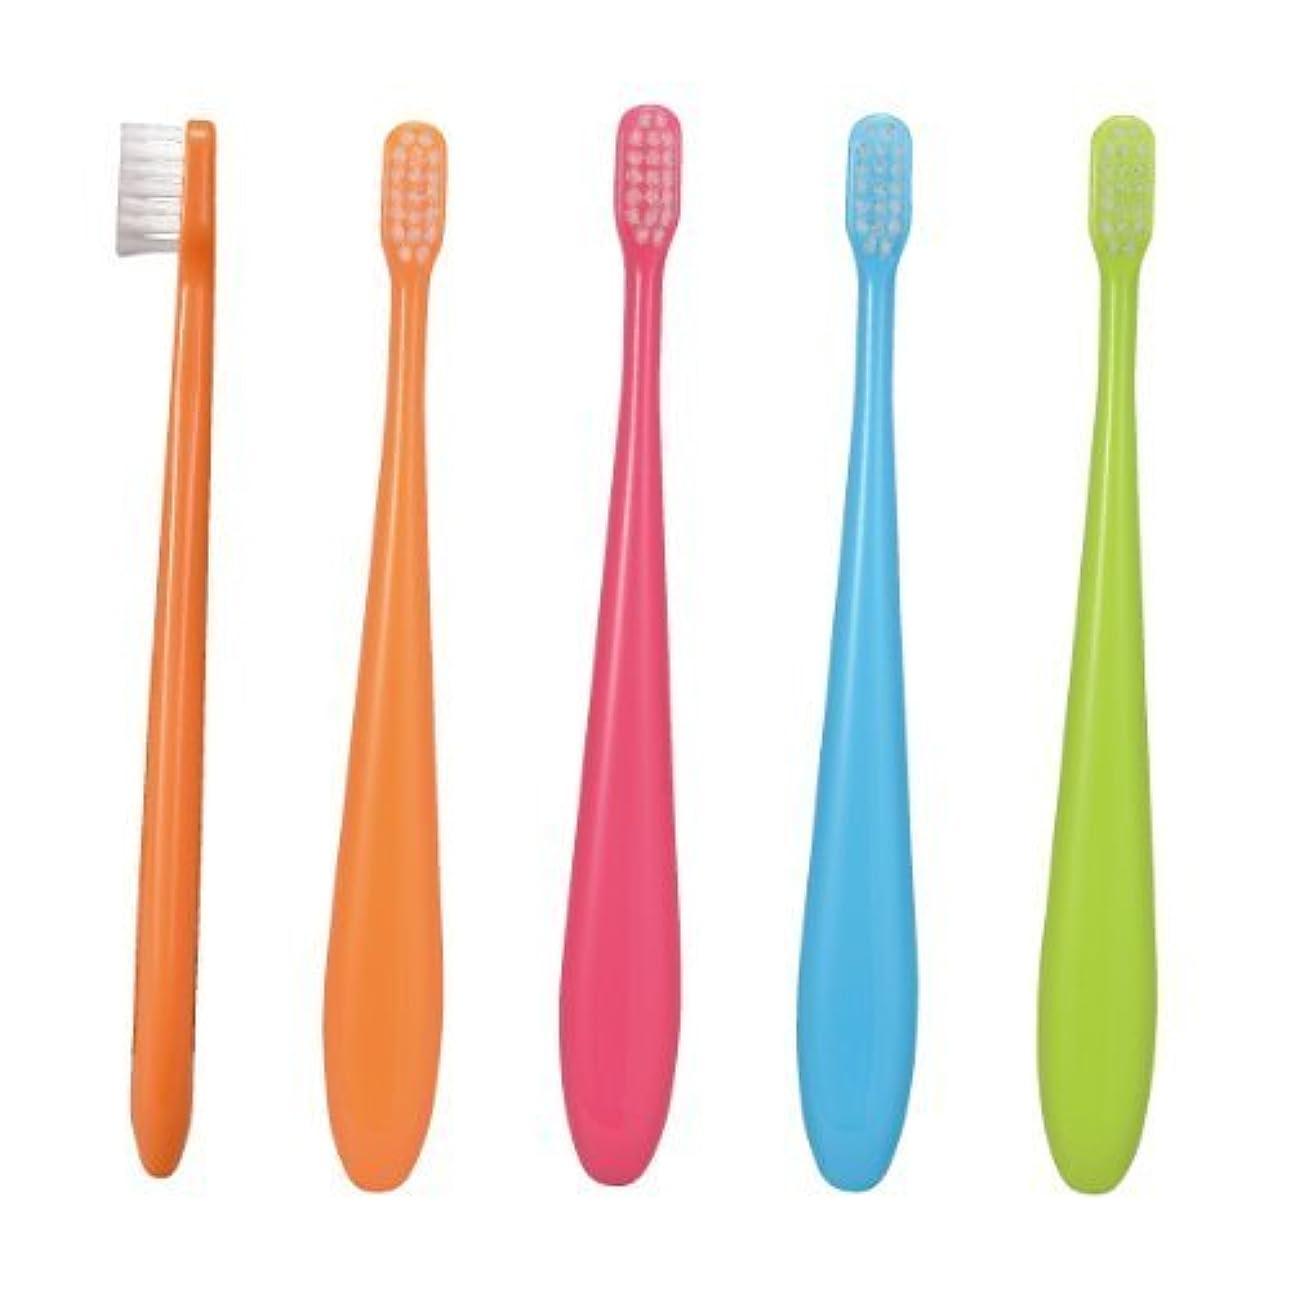 絶壁立証するミュウミュウCiミニ歯ブラシ/ミディ 50本入り/Mふつう